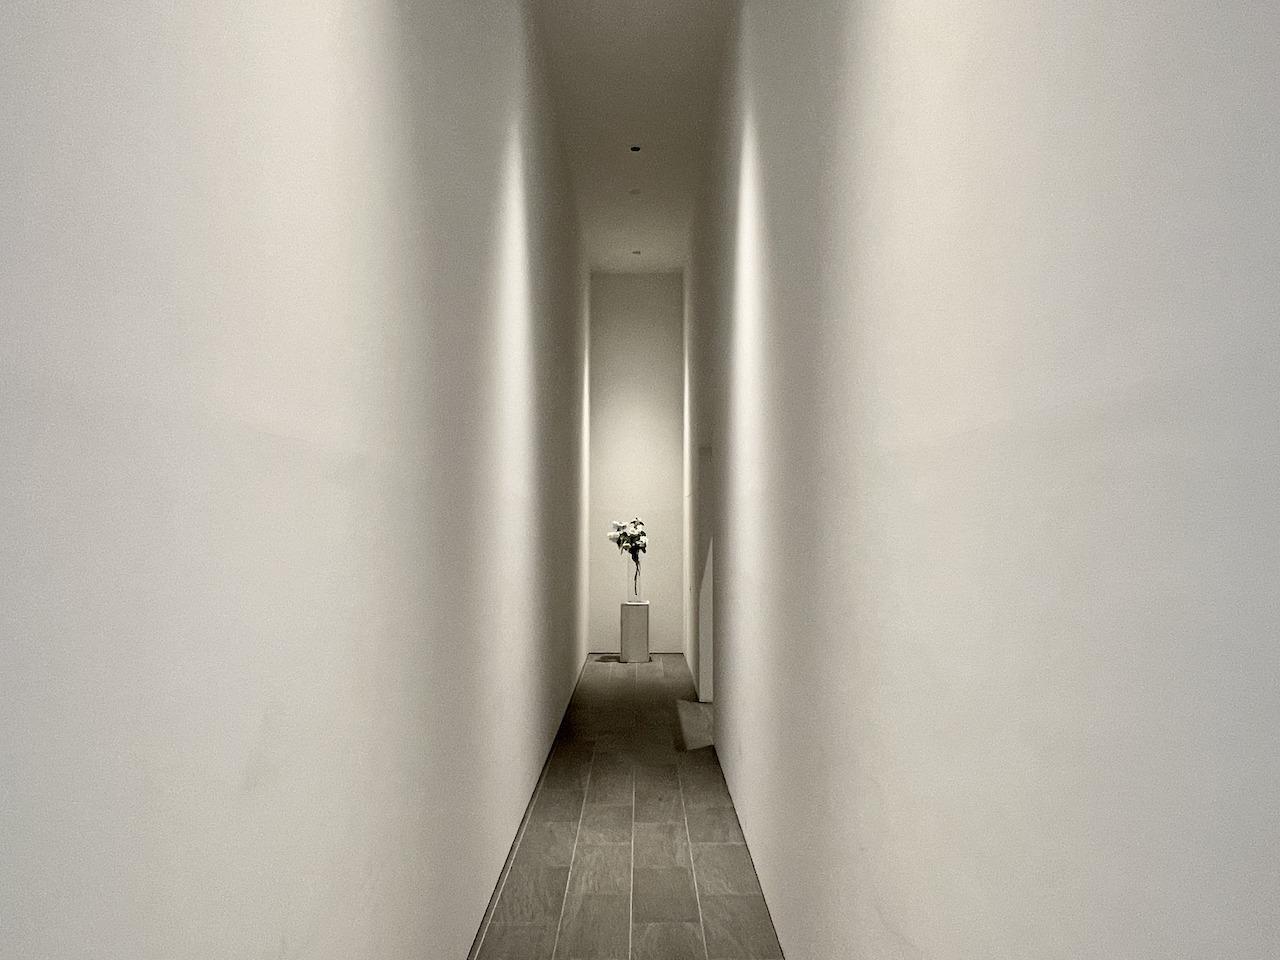 エントランス廊下。アトリエの入り口みたい。